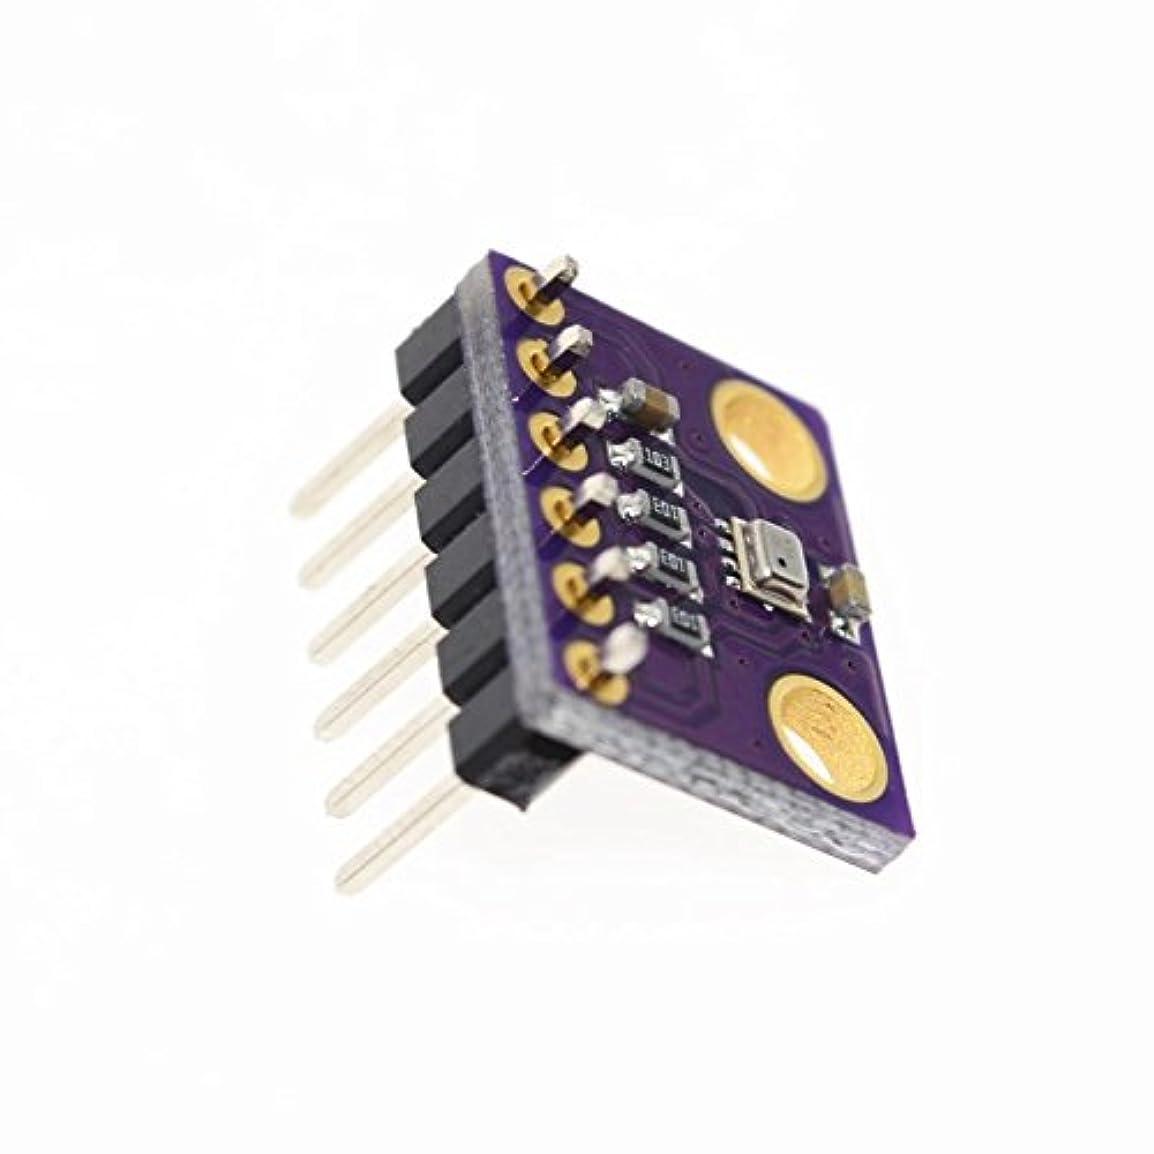 やりすぎ野心フットボールSemoic GY-BMP280-3.3 Arduino用高精度大気圧センサーモジュール